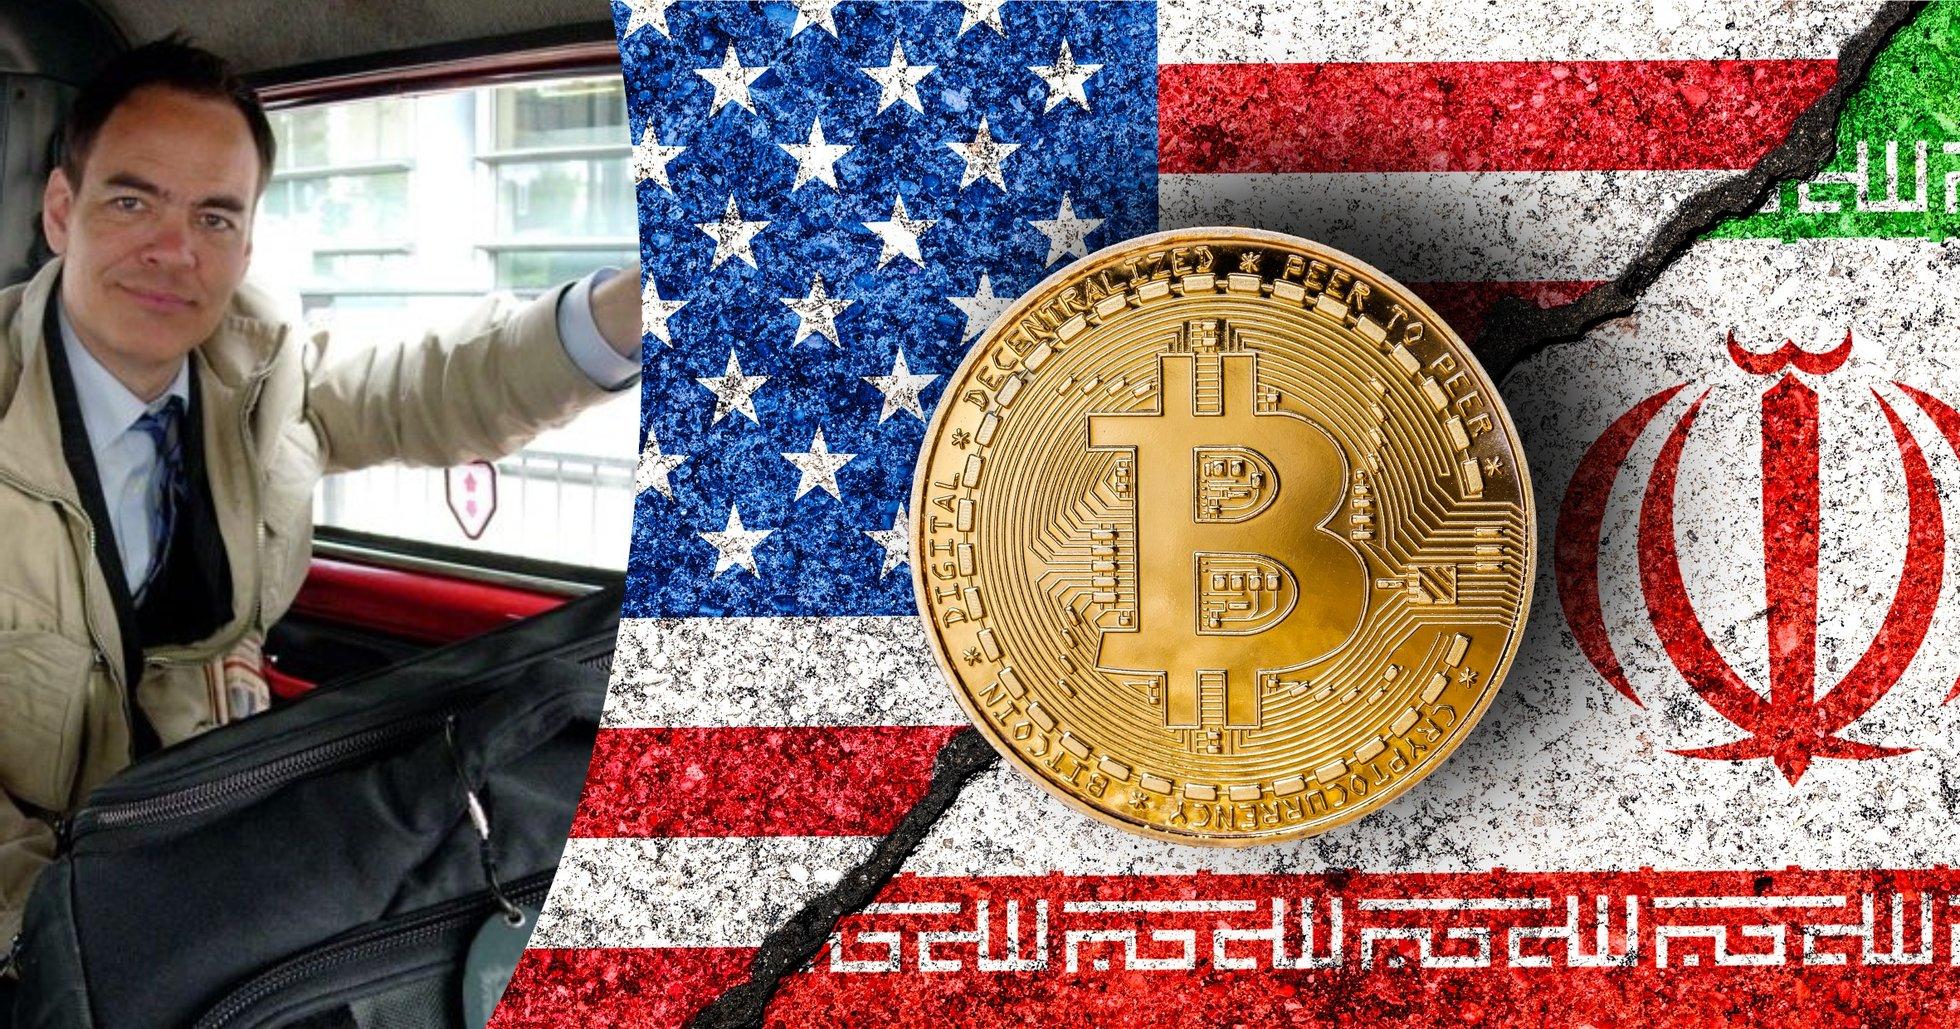 Kryptoprofil: Bitcoinpriset kommer att nå 500 000 dollar när USA ger sig in i kapplöpning med Iran